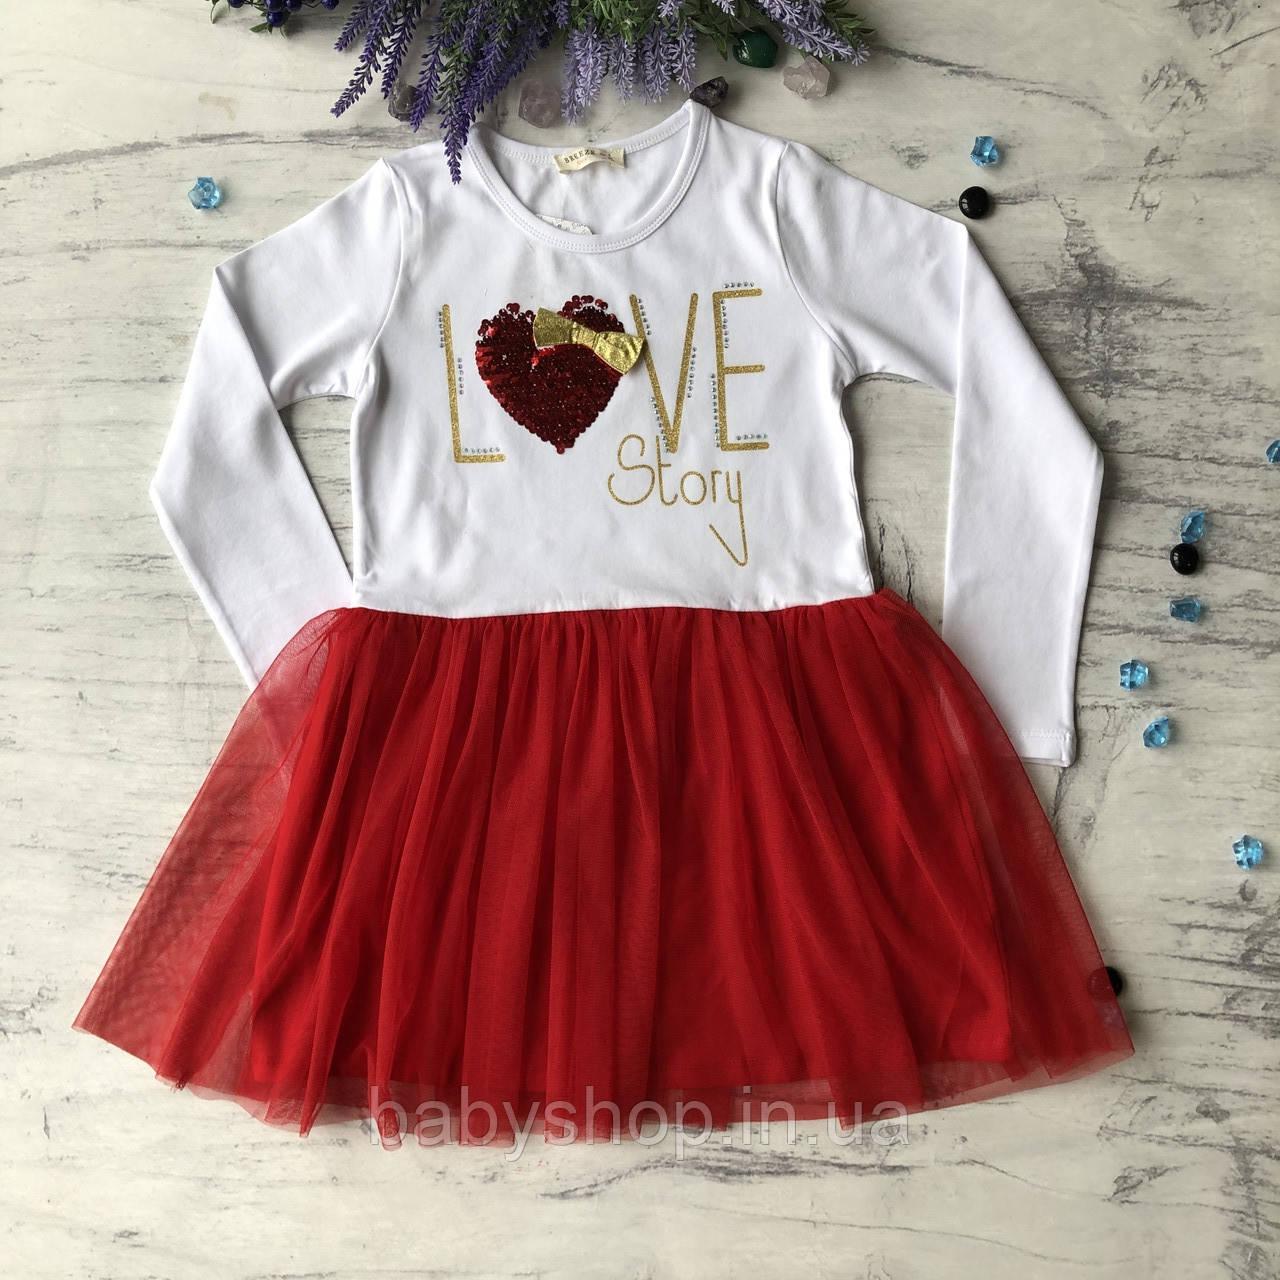 Детское платье на девочку Breeze 183 . Размер 128 см, 134 см, 140 см, 152 см